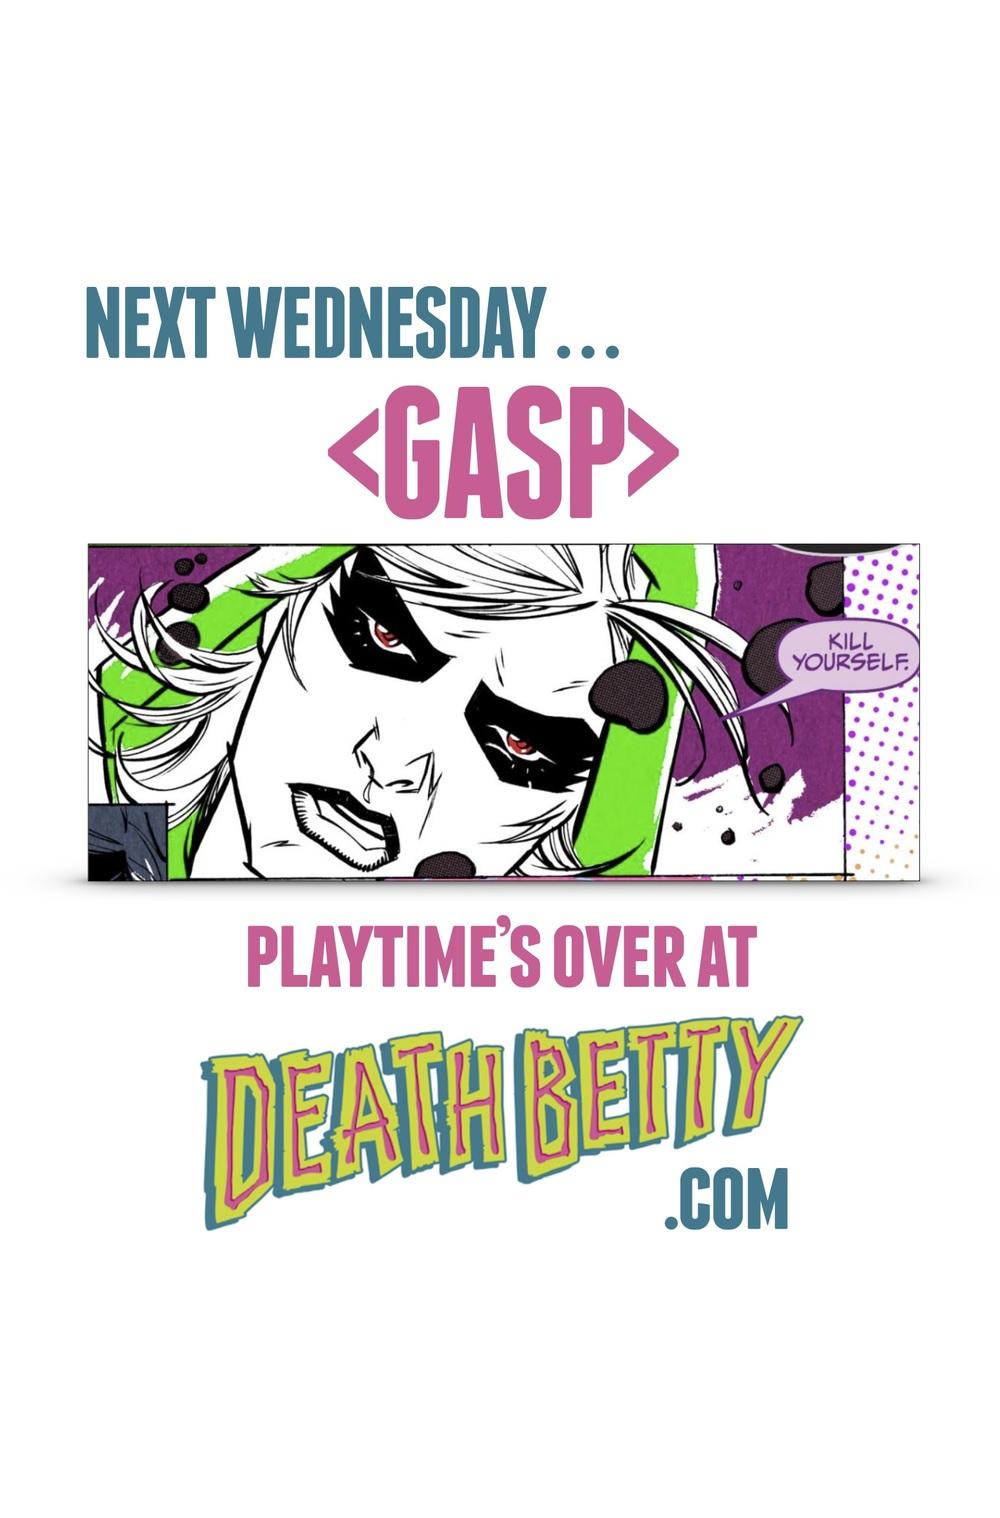 Next Week in Death Betty Dash n Dine Page 4.jpg